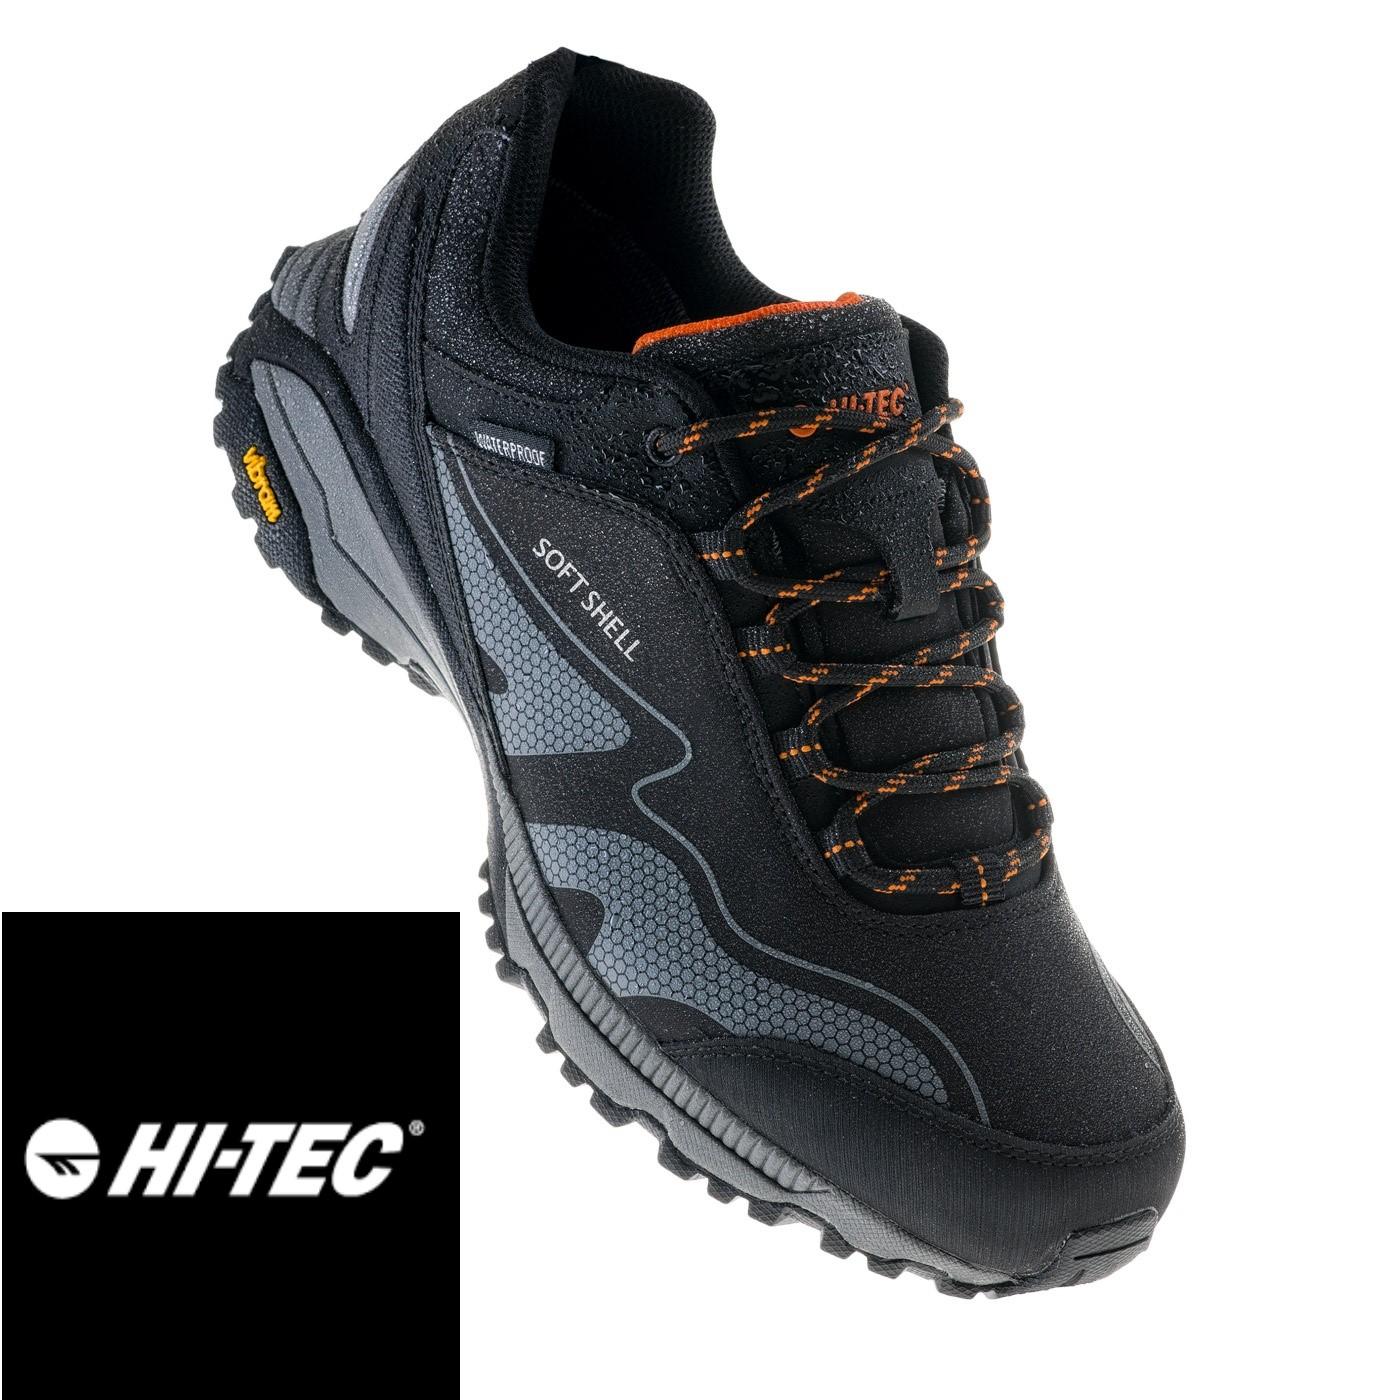 nowy produkt dobry wielka wyprzedaż Zestawienie: Buty trekkingowe Hi-Tec: Softshell, Vibram i ...